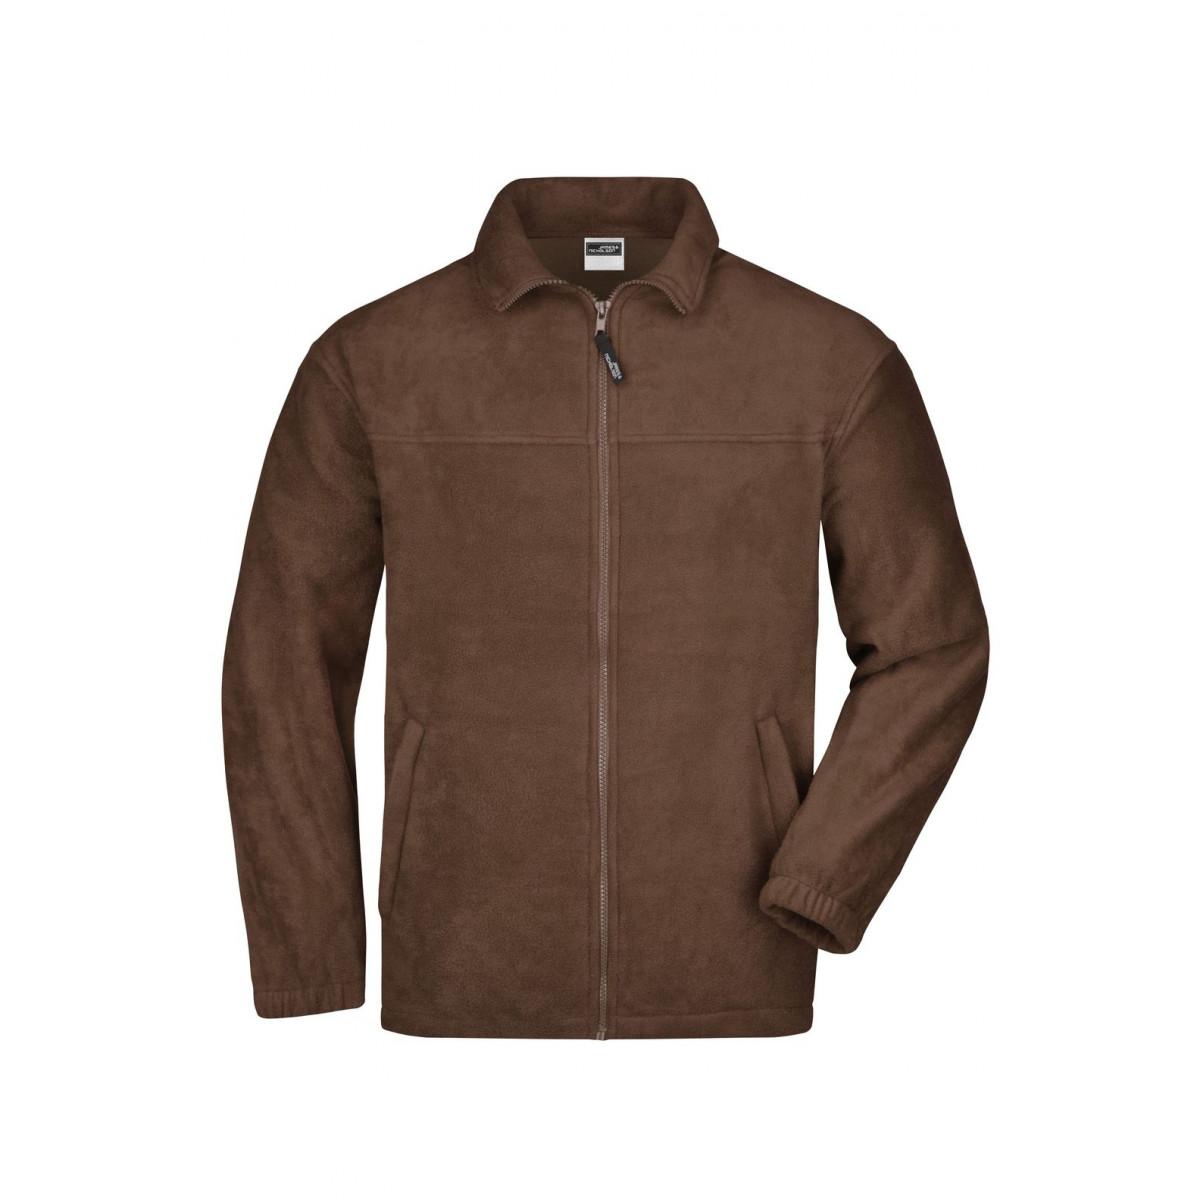 Толстовка мужская JN044 Full-Zip Fleece - Коричневый